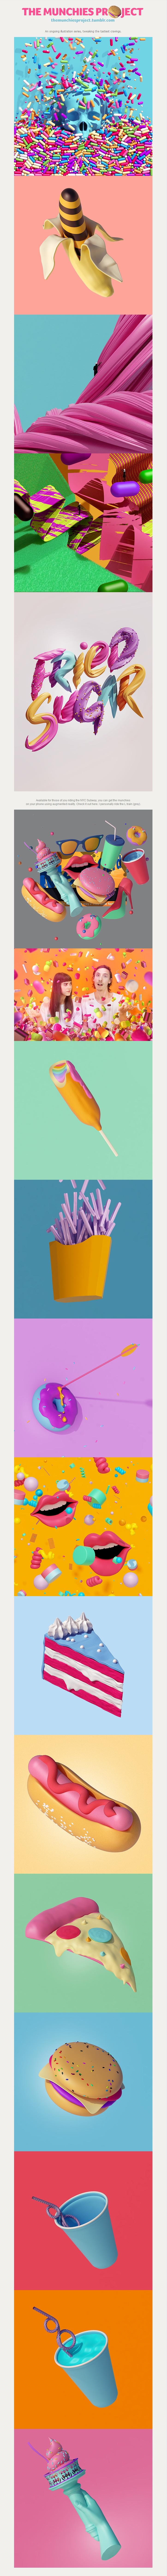 国外点心海报设计 香蕉 食品  美食 经典 平面设计 图片 模板 设计 视觉  #字体# #色彩#